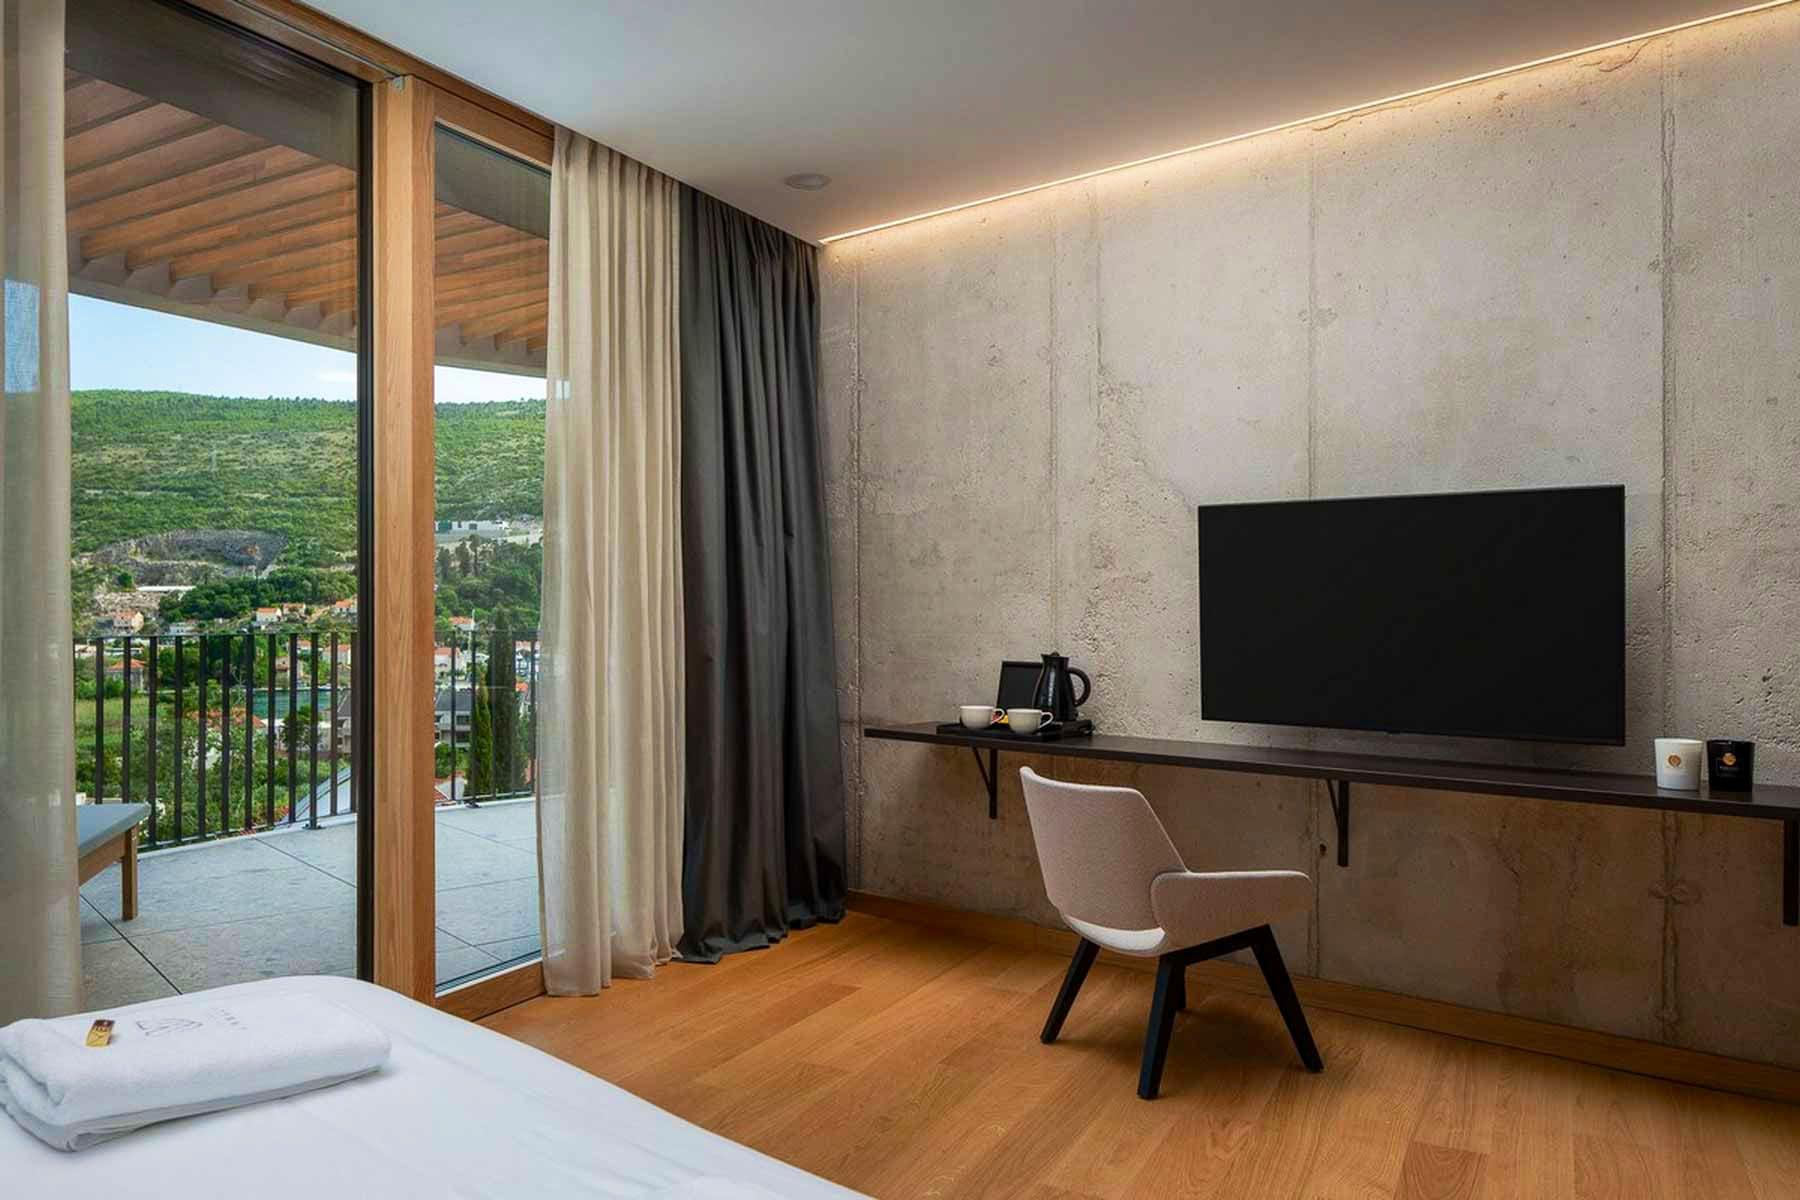 TV area in the bedroom